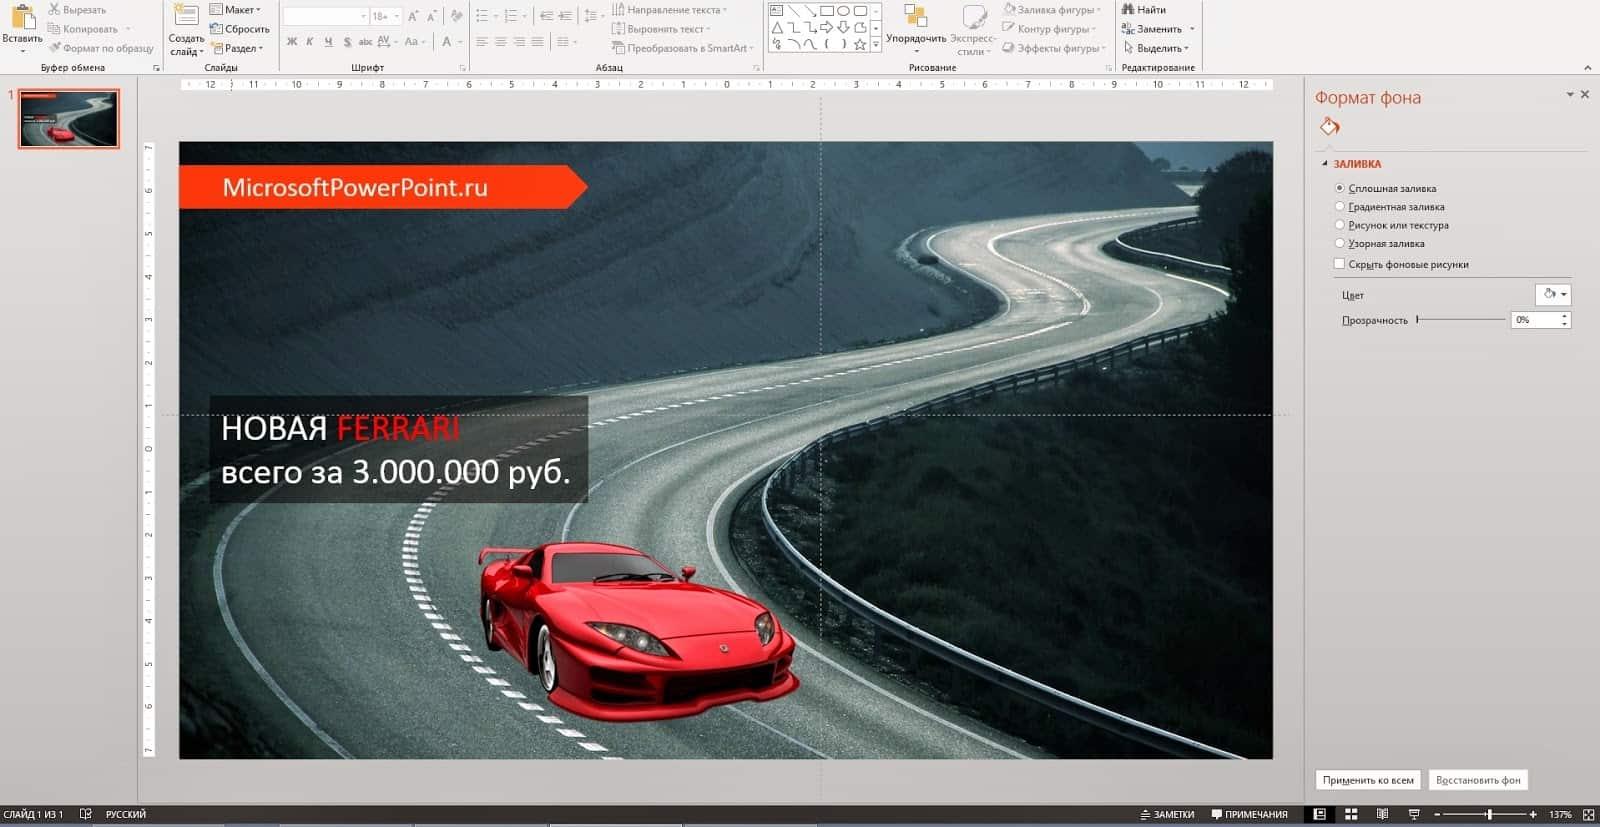 Как сделать из PowerPoint фоторедактор (фотошоп, пэинт) - редактируем картинки и изображения (jpg, png)